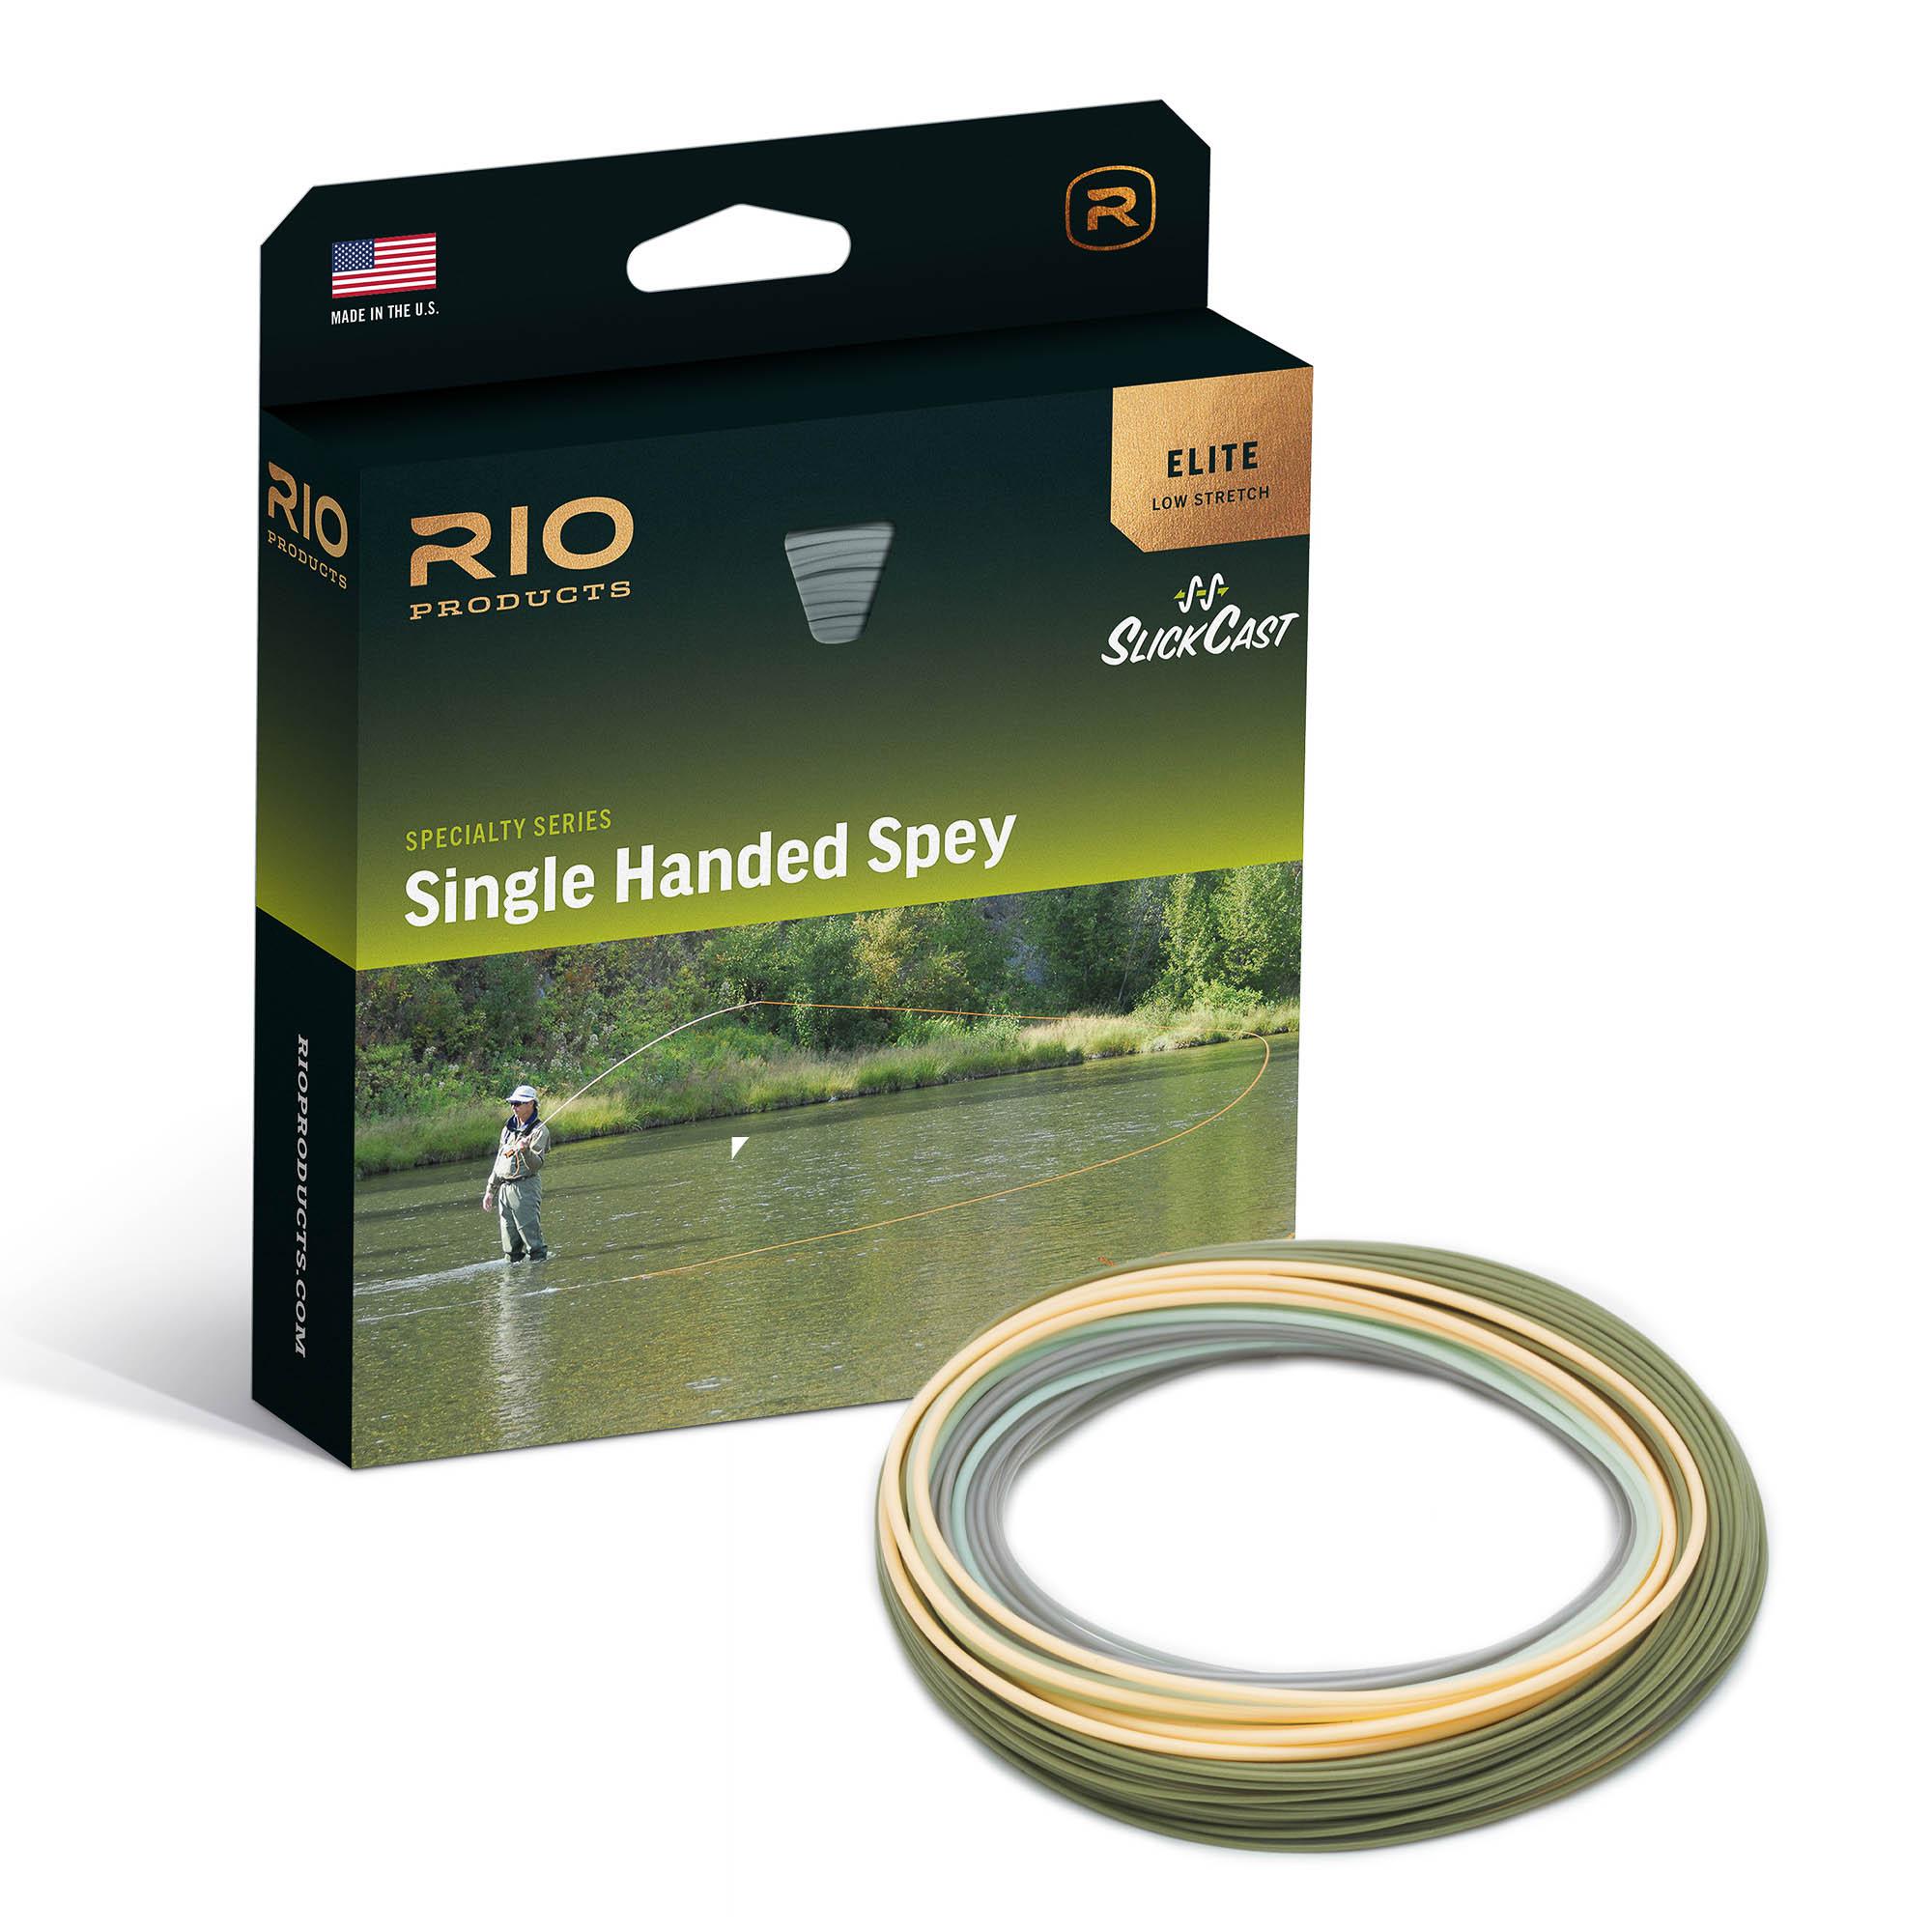 Elite Rio Single Hand Spey Fly Line